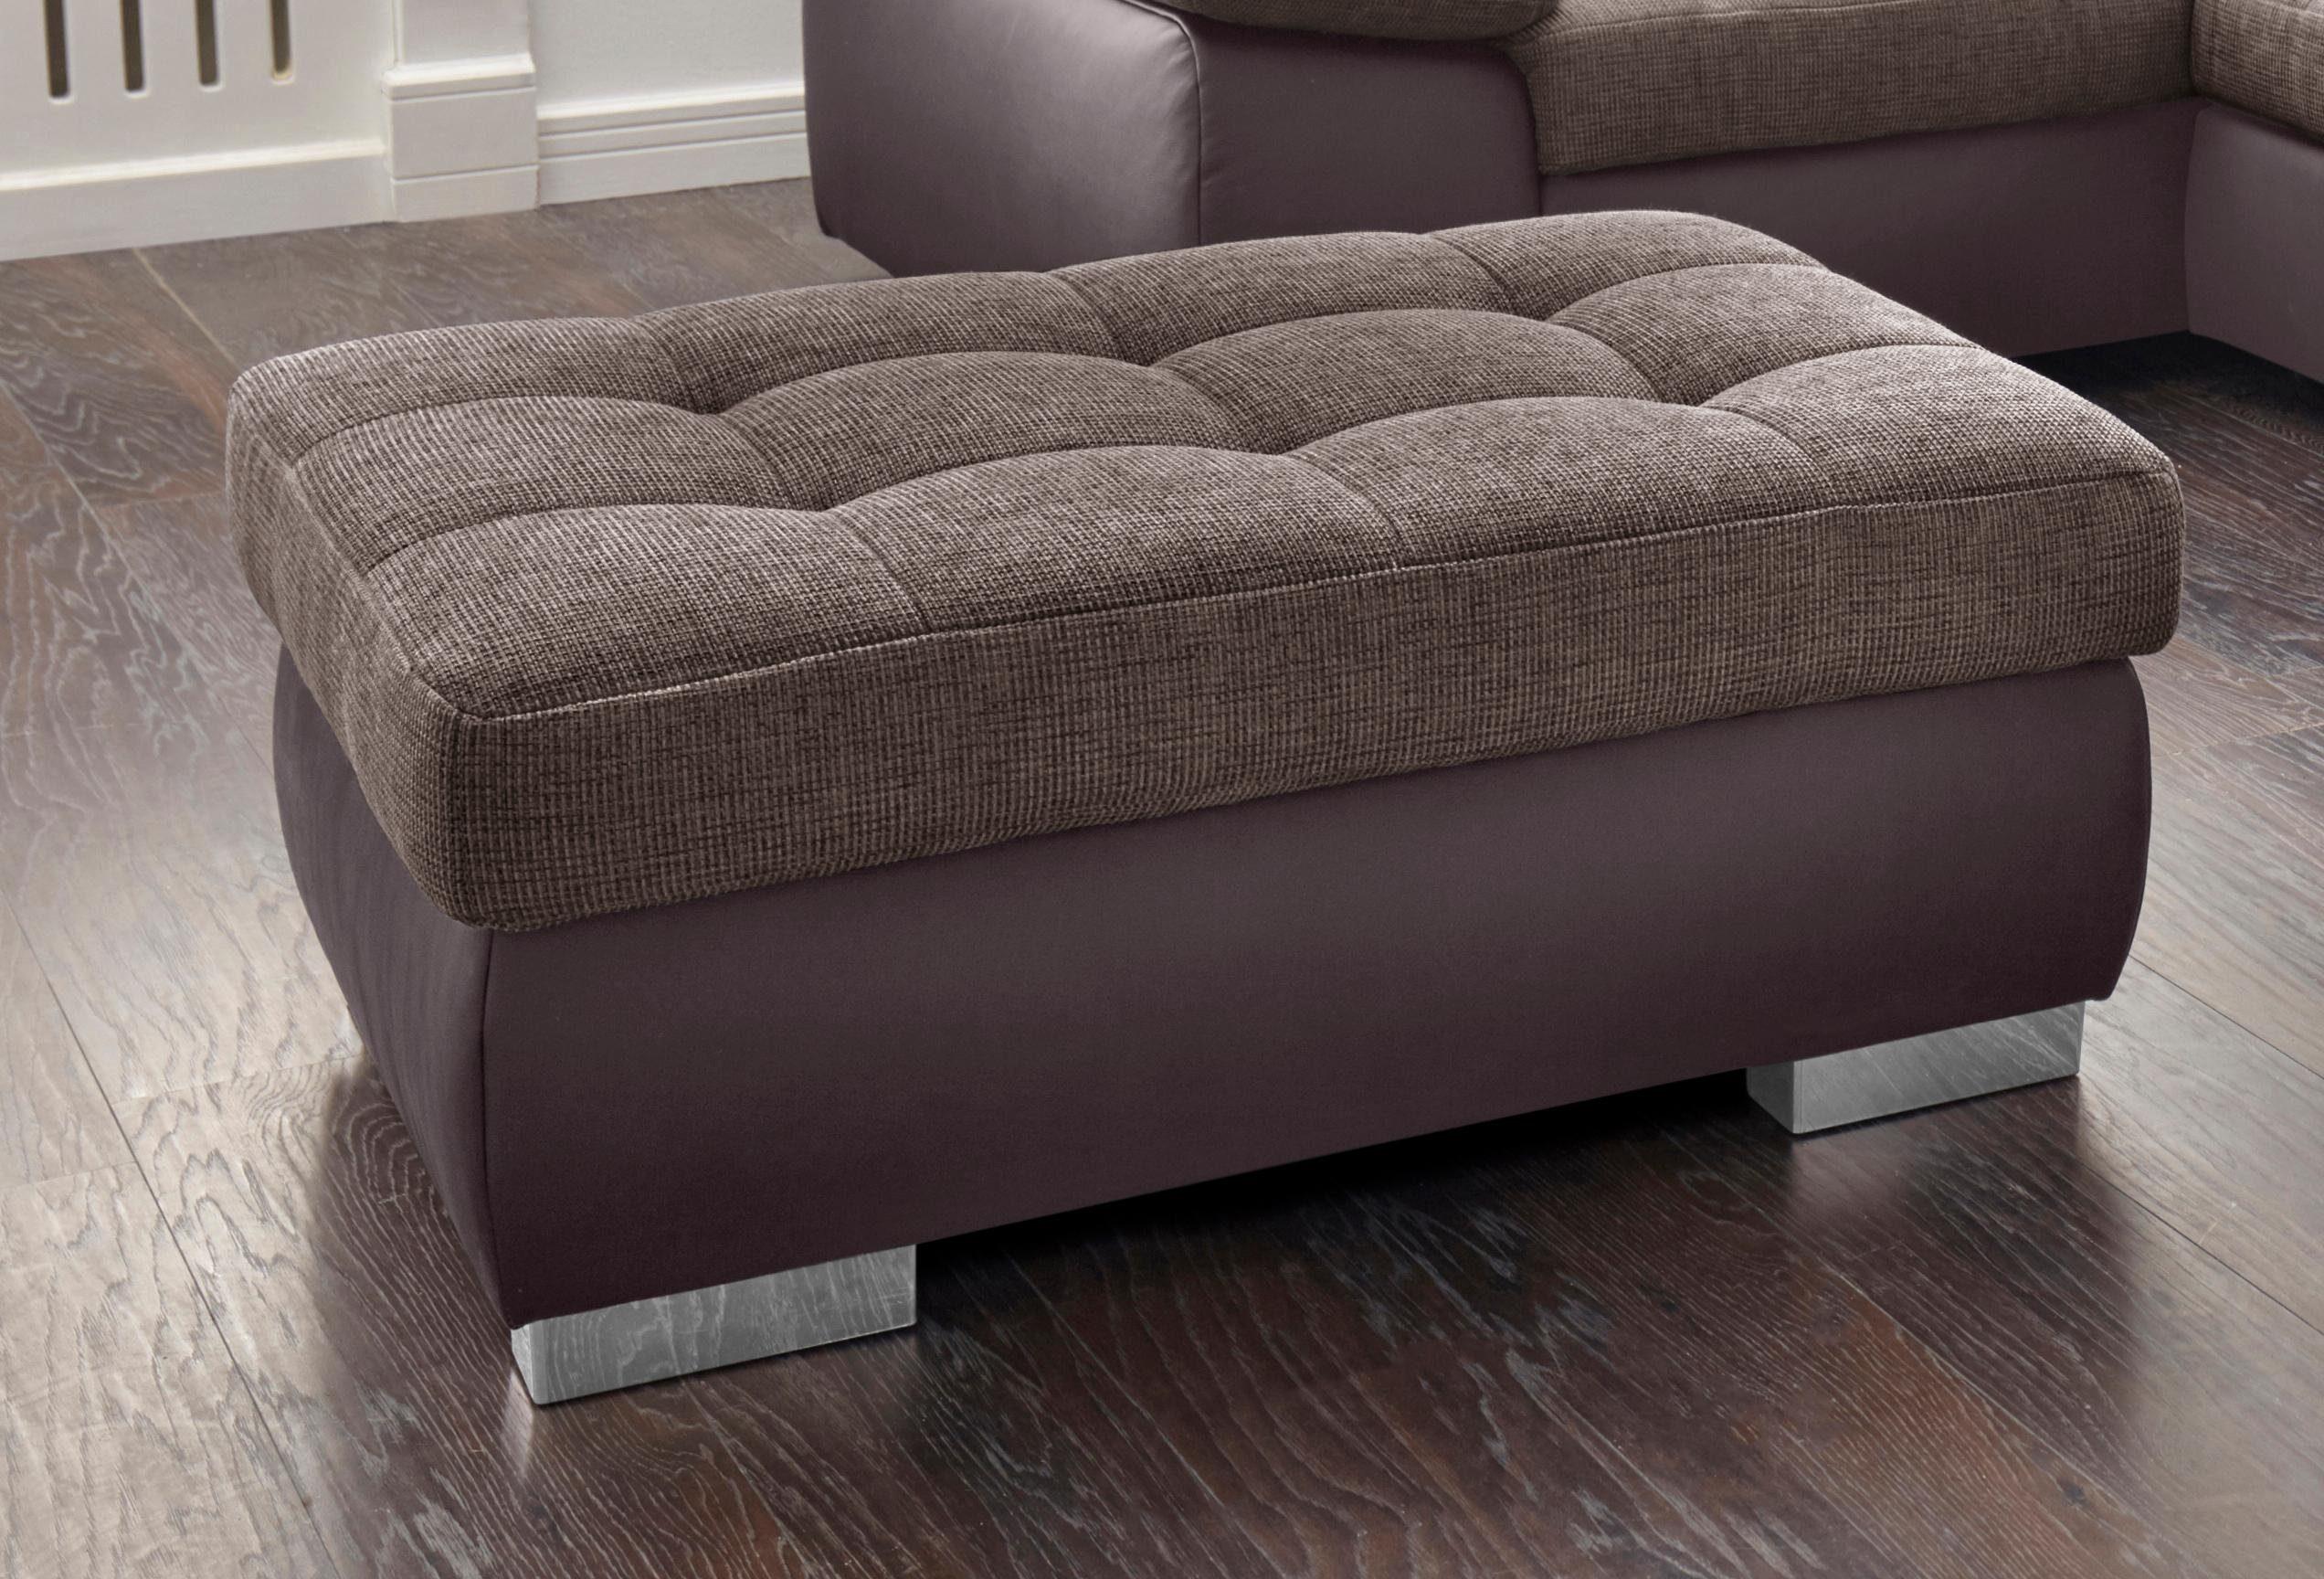 sit&more Hocker, mit Stauraumfach, In mehreren Farben erhältlich online kaufen | OTTO